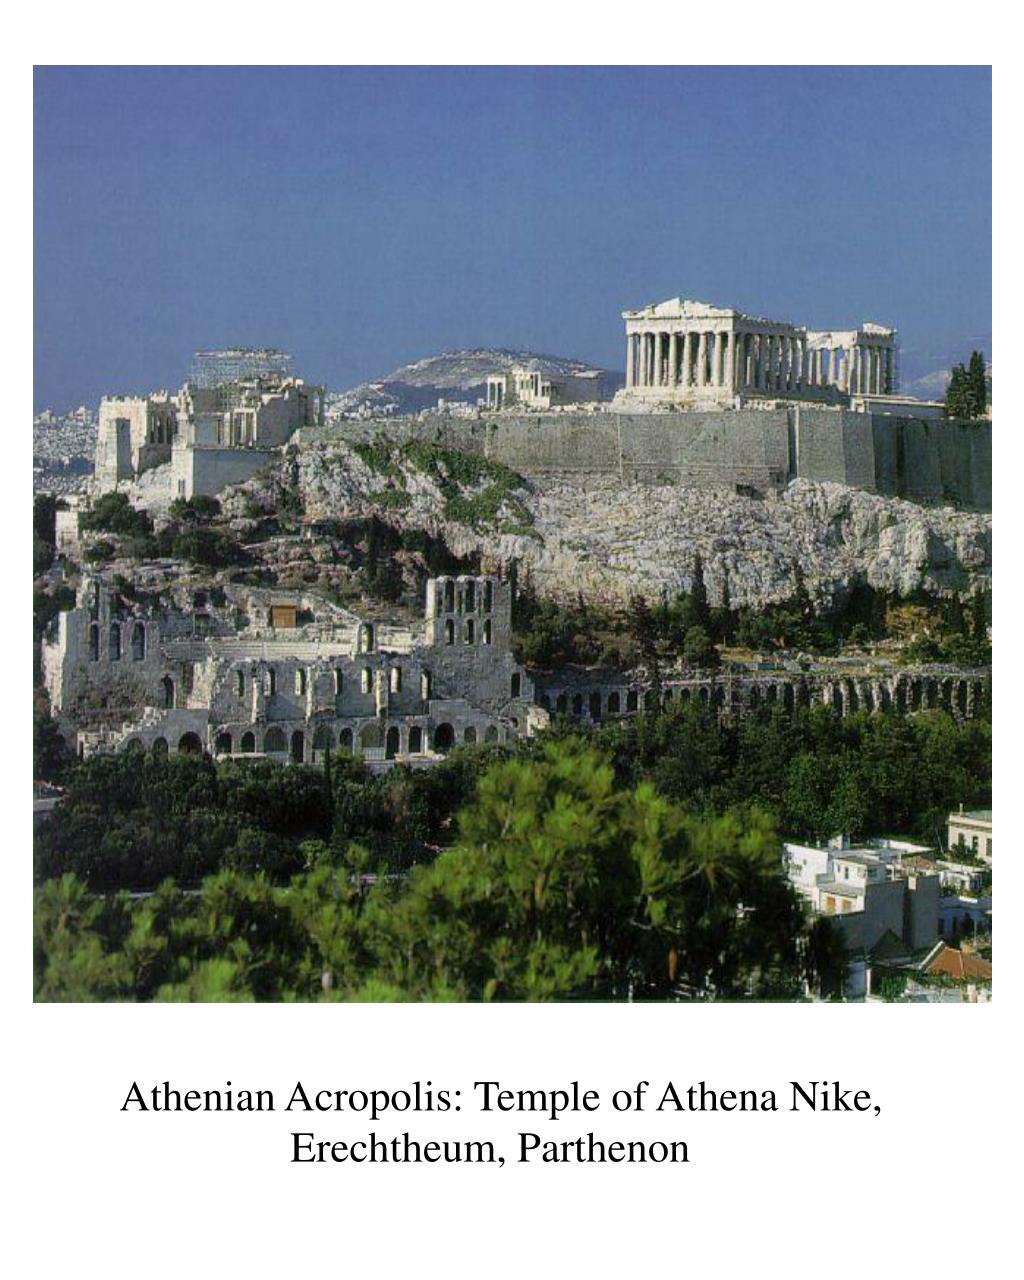 Athenian Acropolis: Temple of Athena Nike,